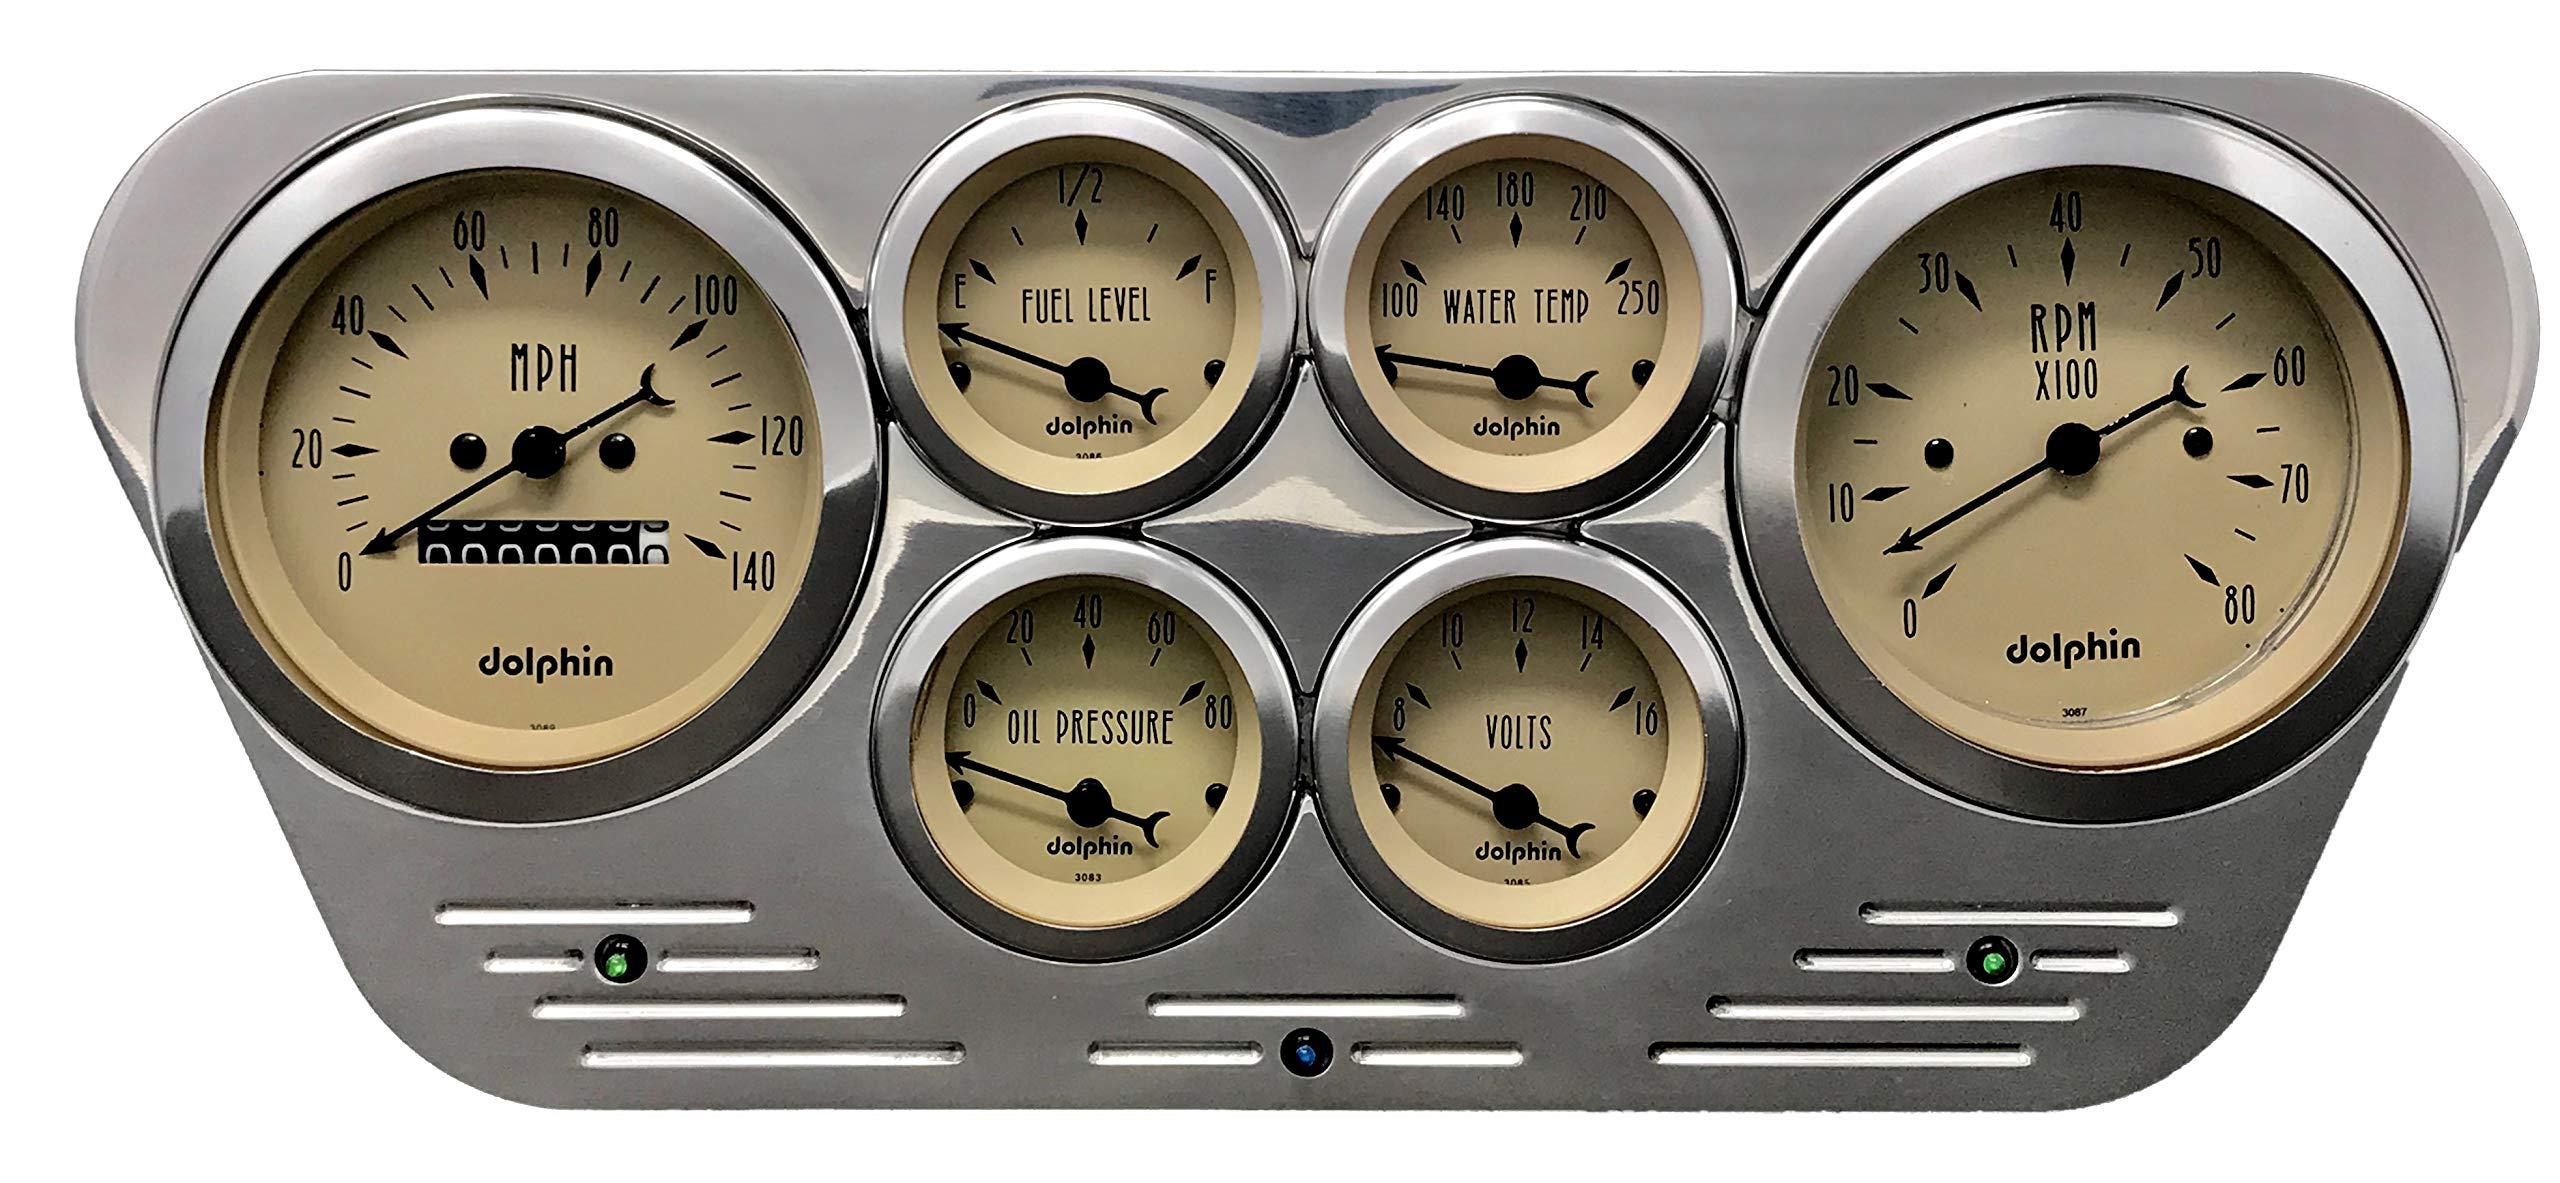 Dolphin Gauges 1953 1954 1955 Ford Truck 6 Gauge Dash Cluster Panel Set Mechanical Tan